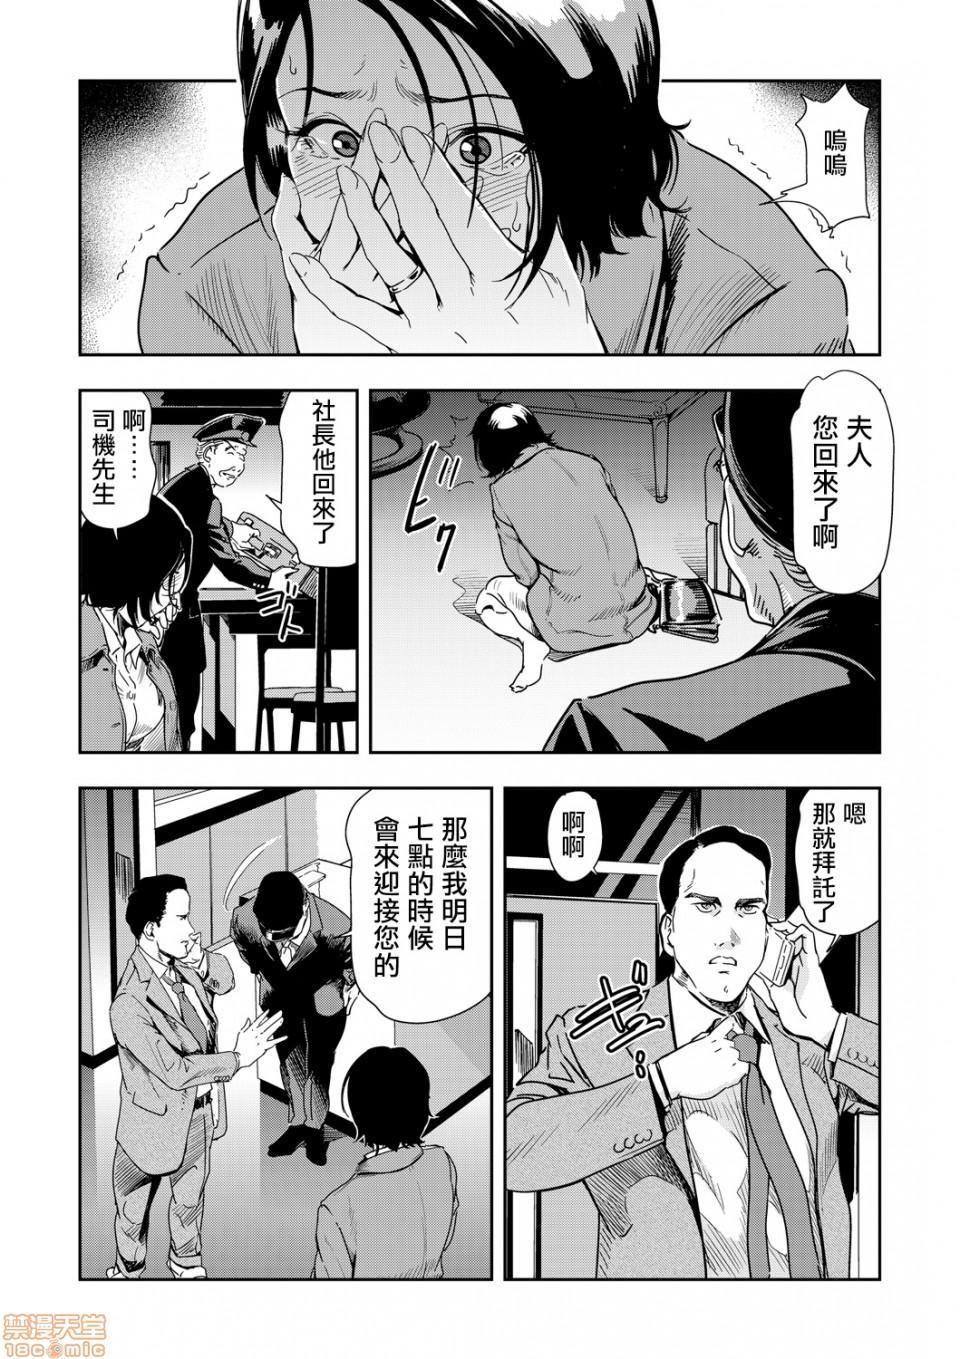 Chikan Express 5 3